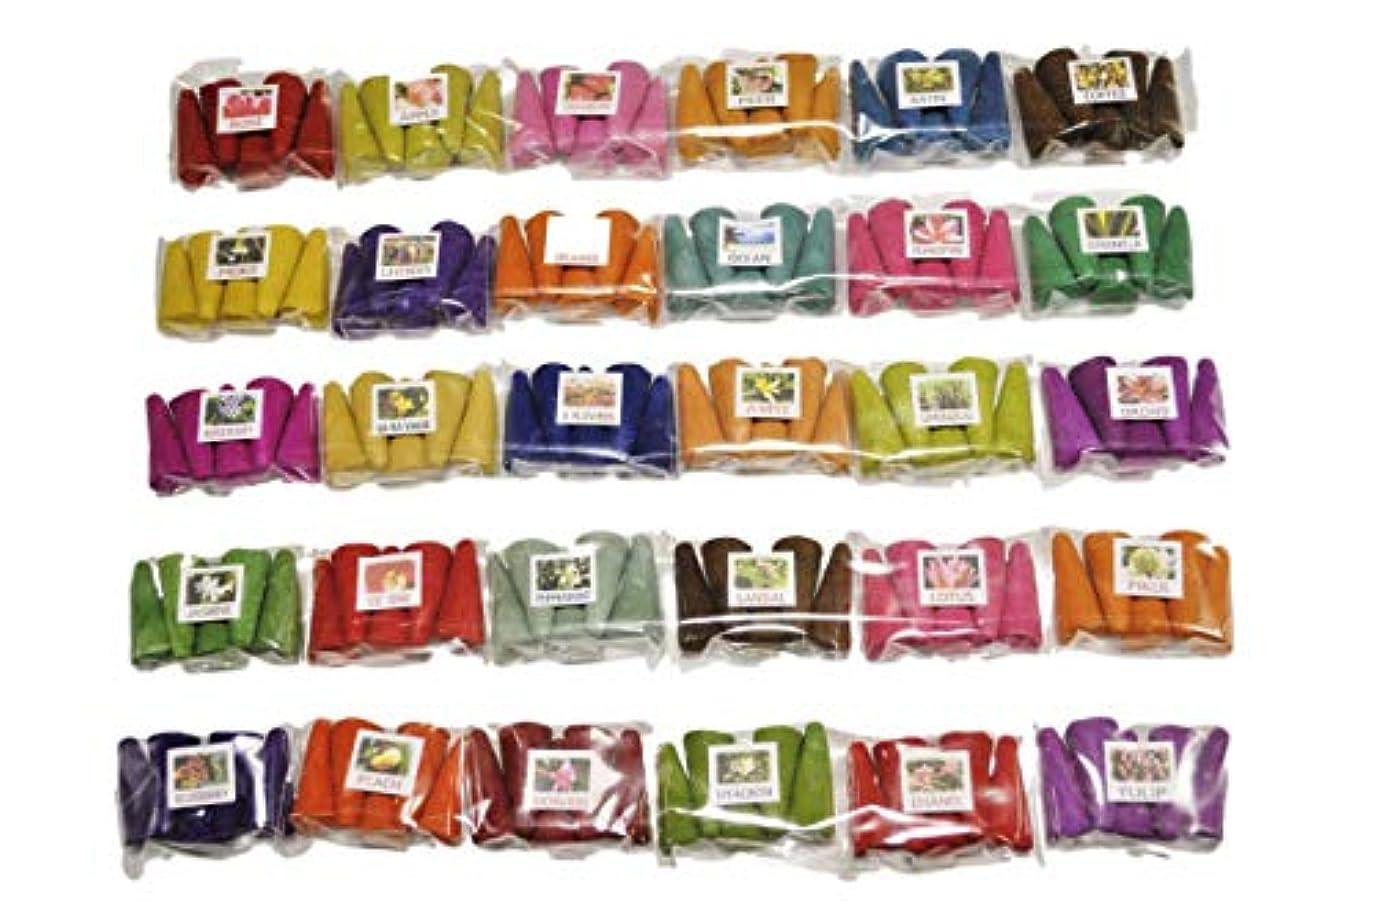 川滴下言うタイのお香セット お香 30種 各5個入 150個 コーン香 三角香 コーン インセンス ミニパック タイのお香 THAI INCENSE (2)